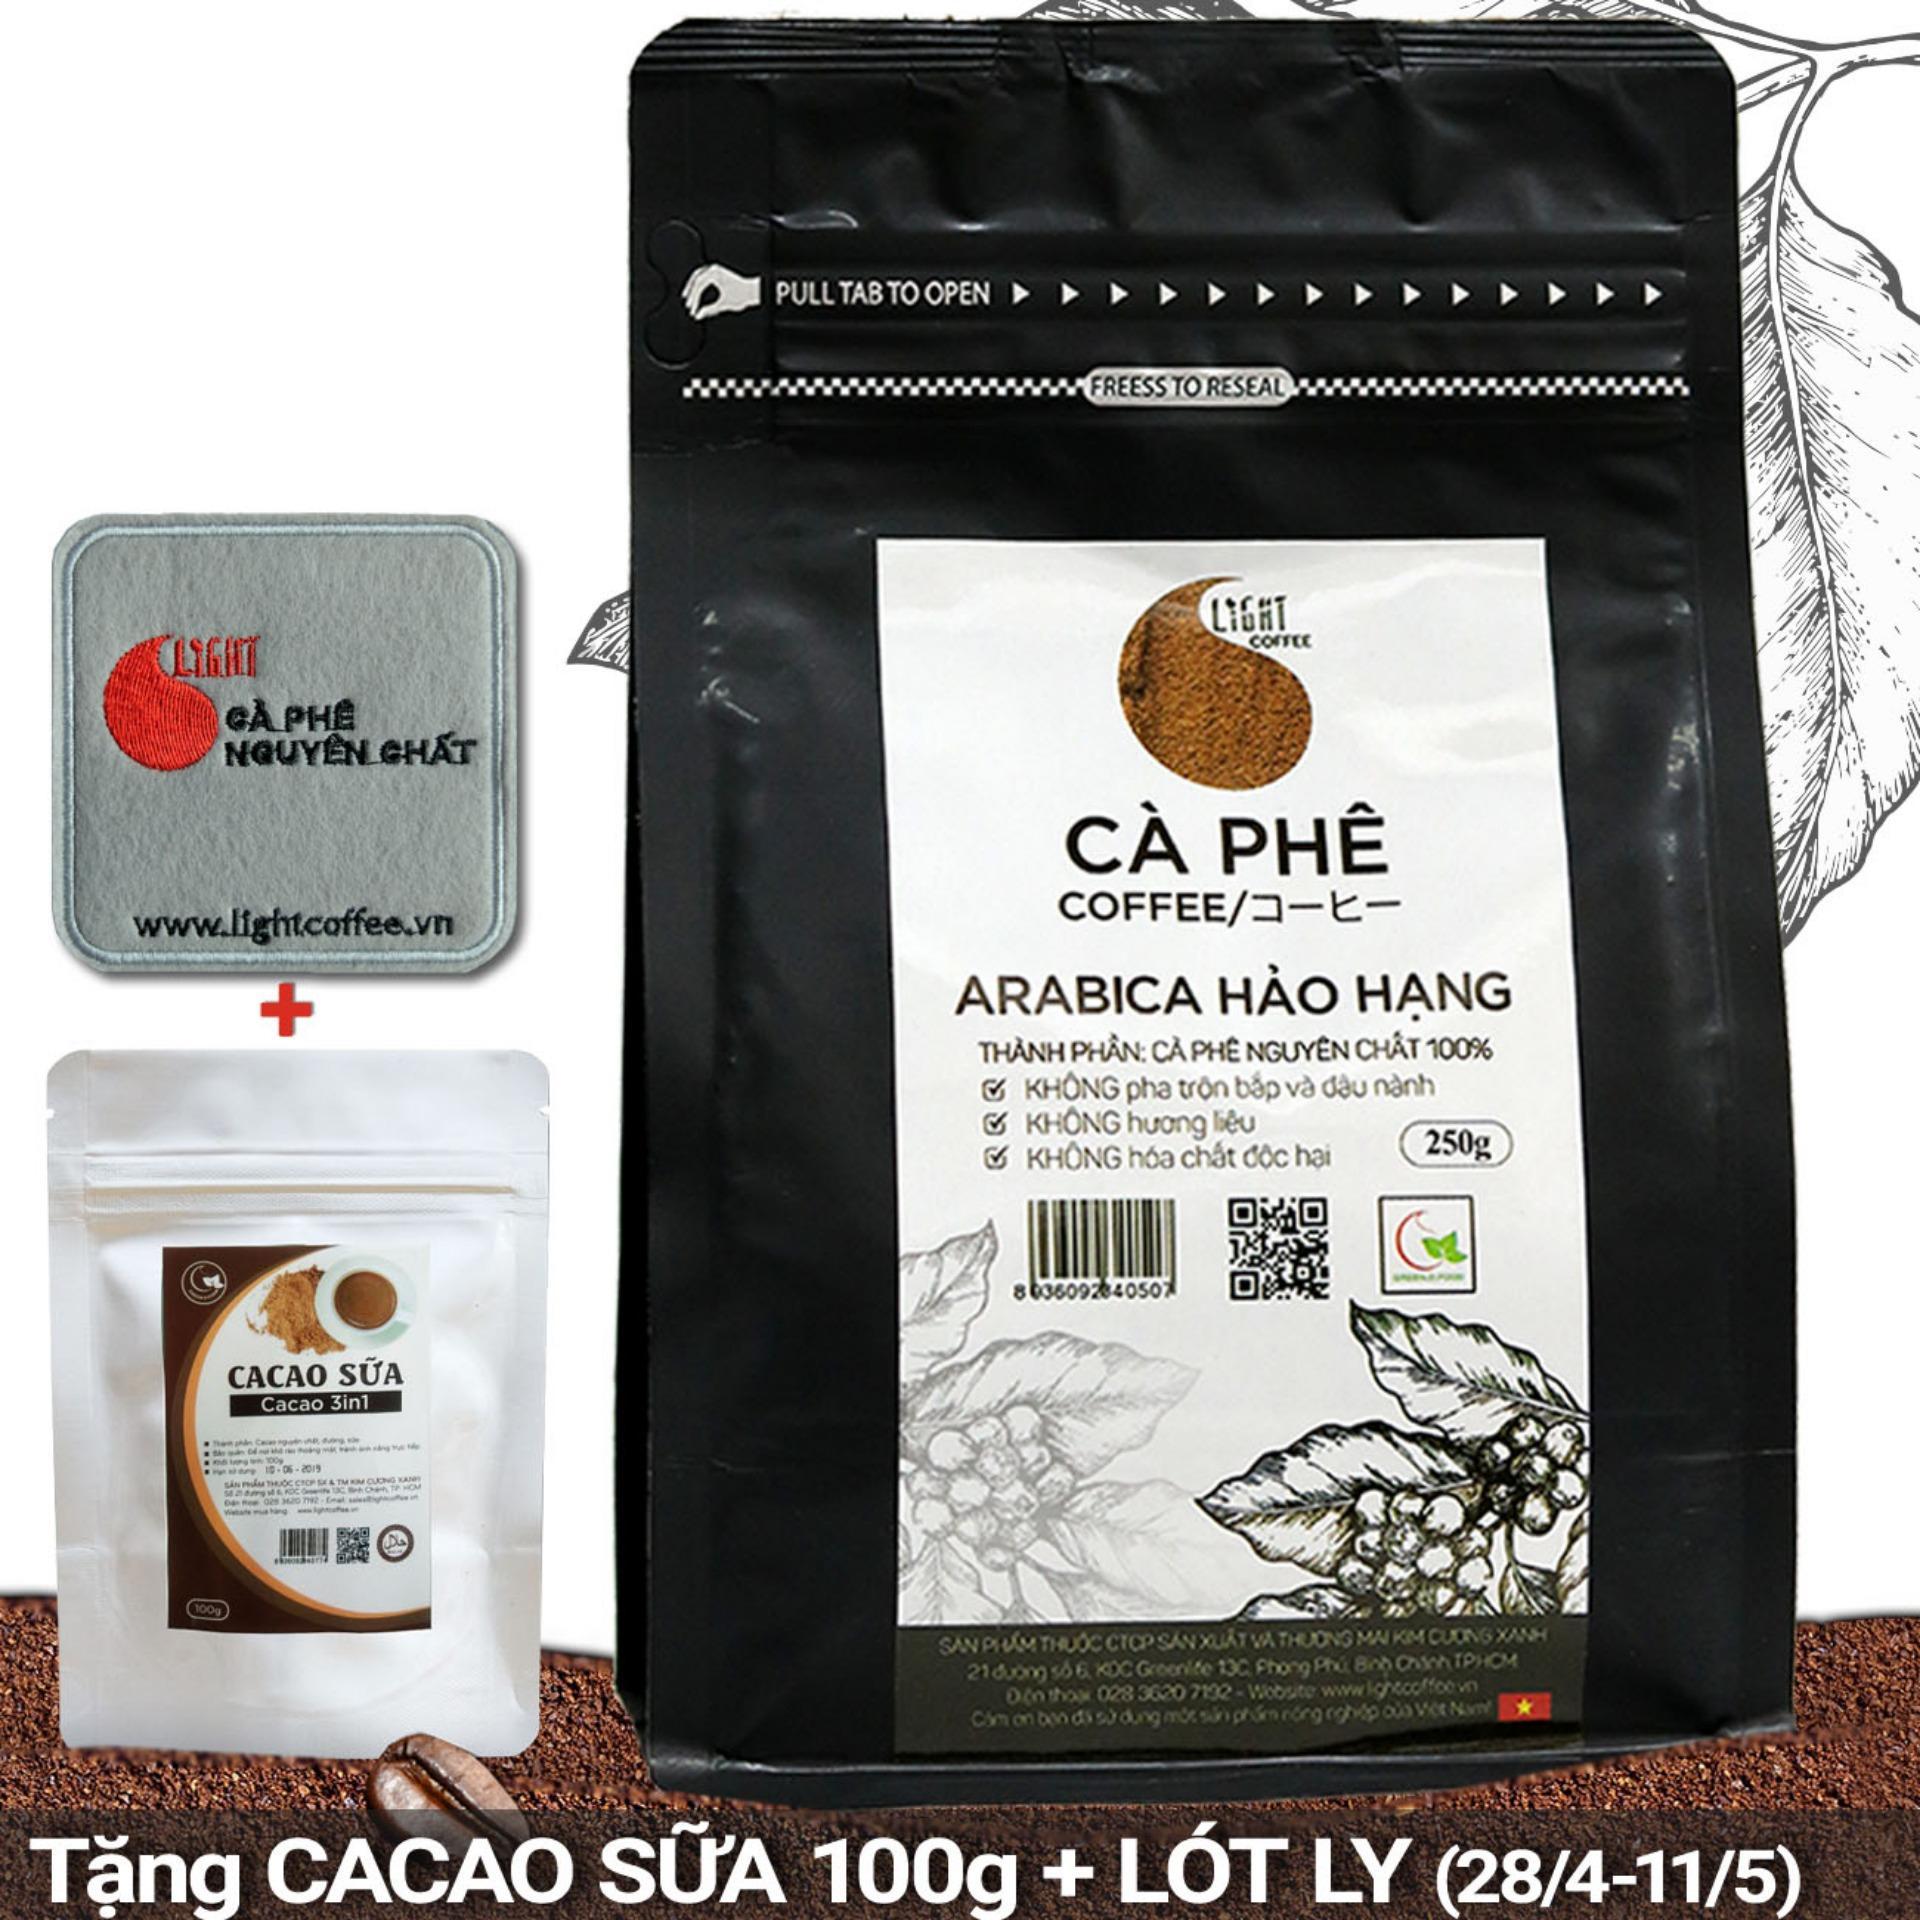 Chiết Khấu Sản Phẩm Ca Phe Bột Nguyen Chất 100 Arabica Hảo Hạng Light Coffee Goi 250G